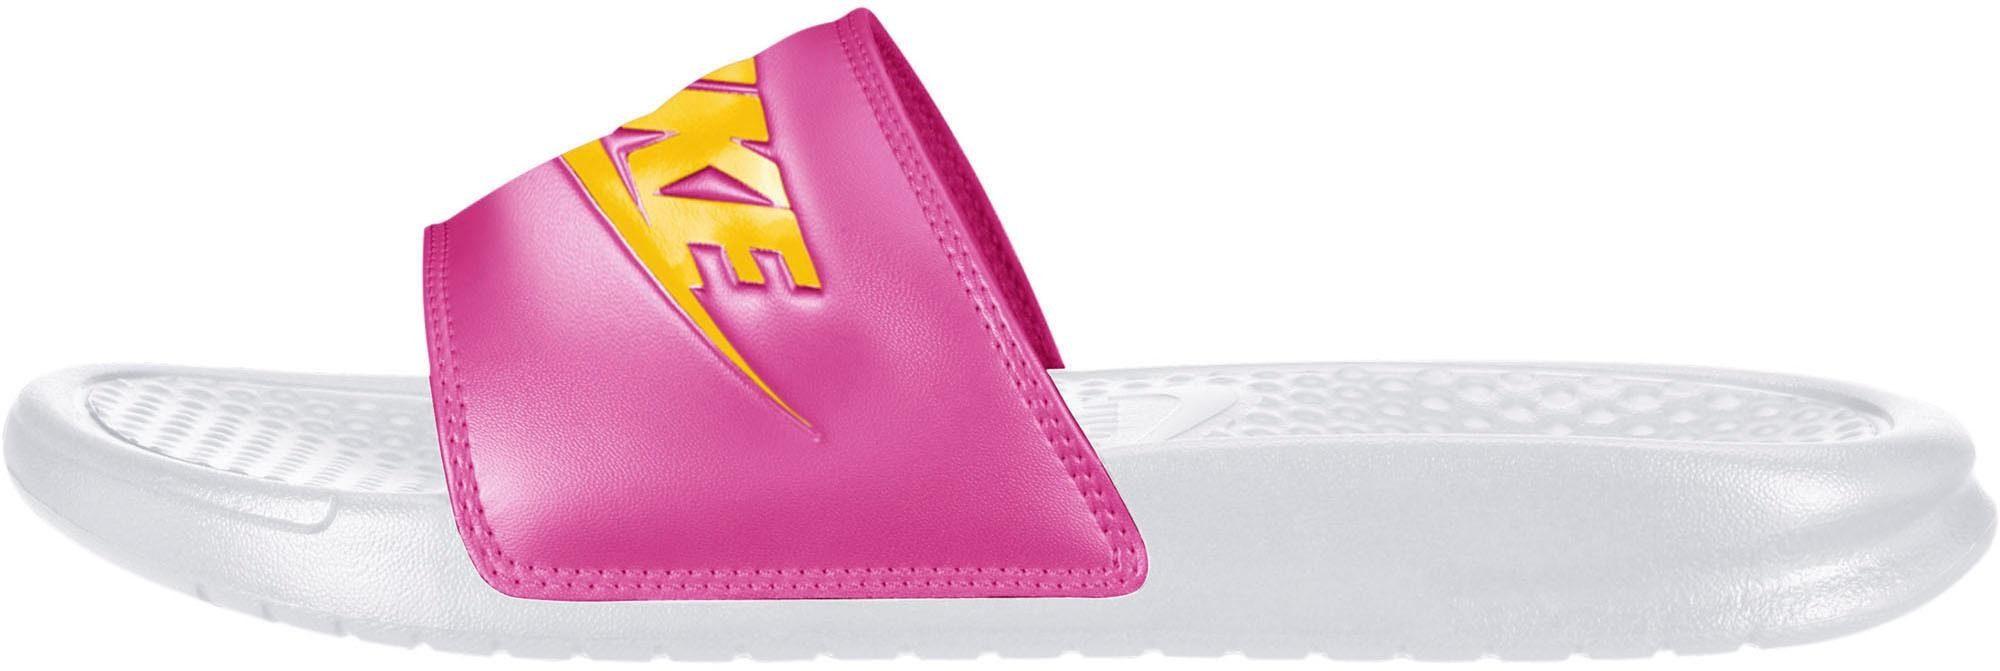 Reebok Classic Leather Damen Sneaker Online bei ya!Moda